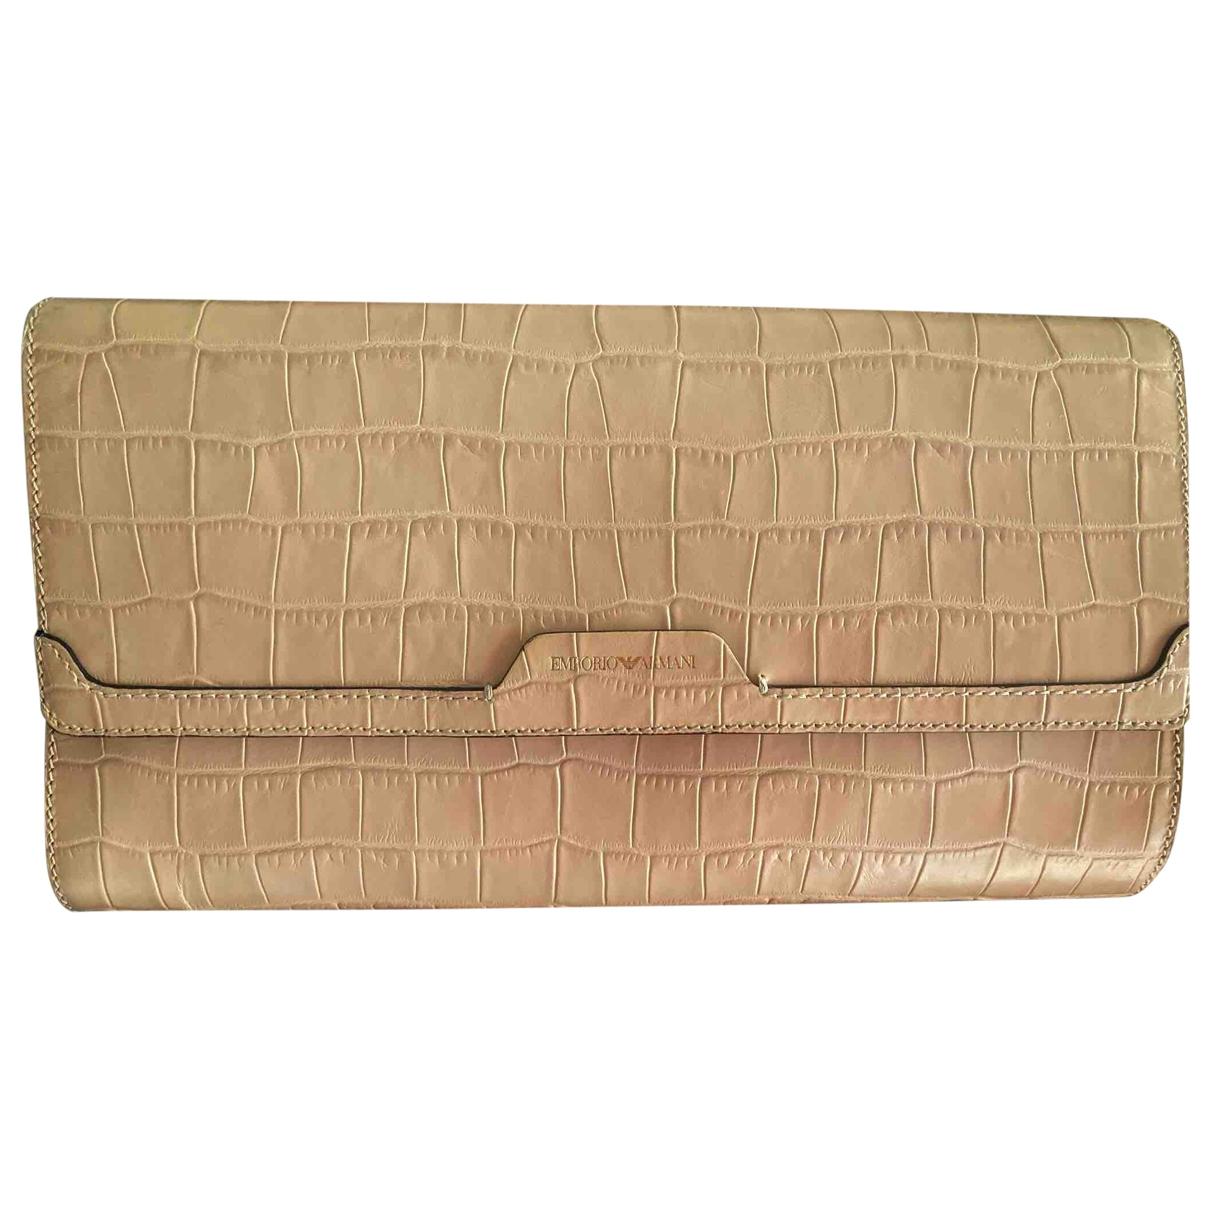 Emporio Armani - Pochette   pour femme en cuir - beige